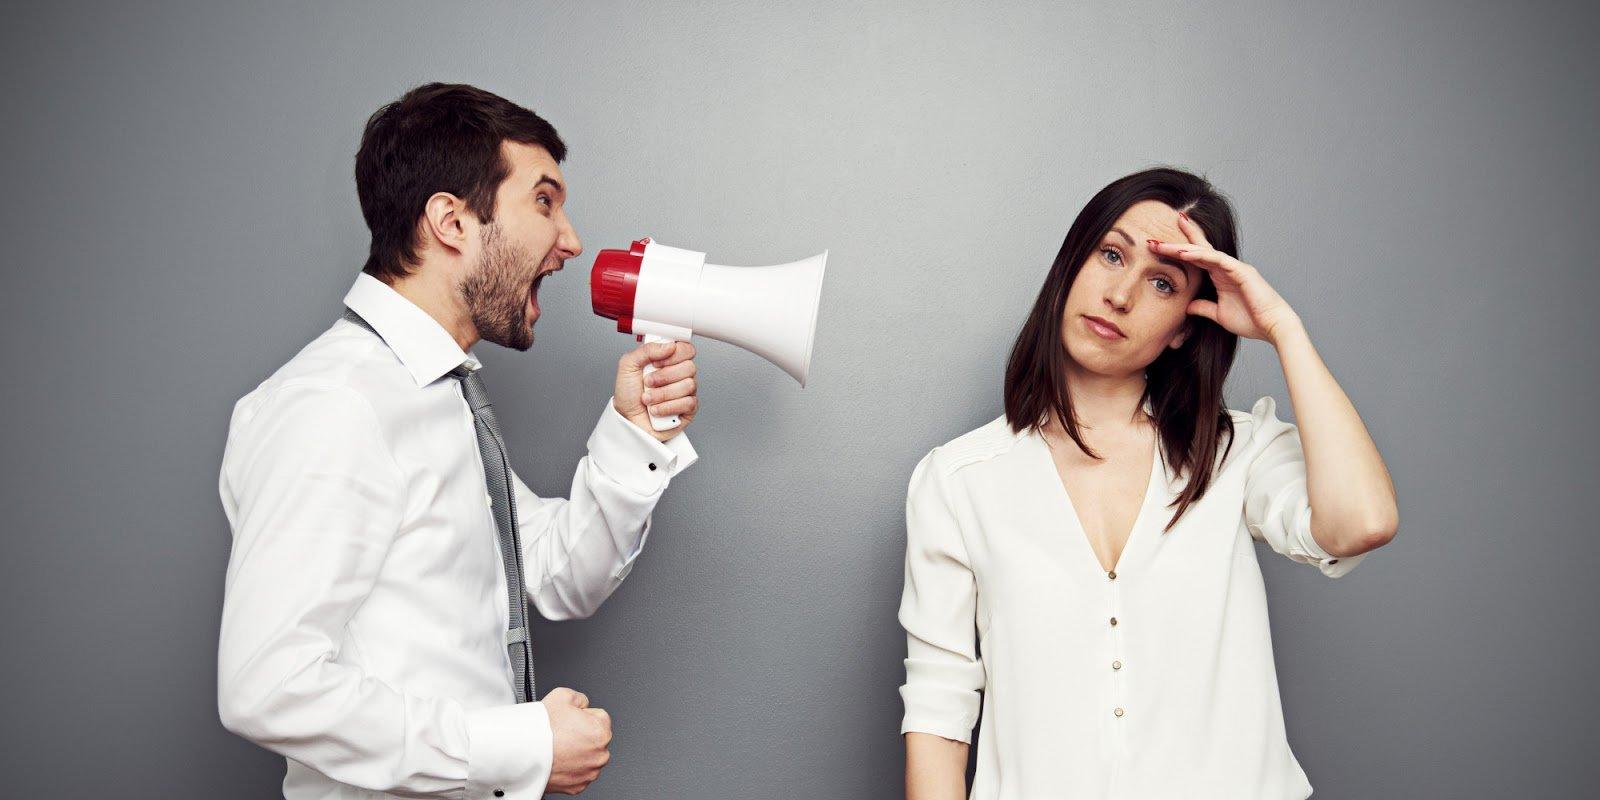 Parole o silenzio. L'importante è comunicare